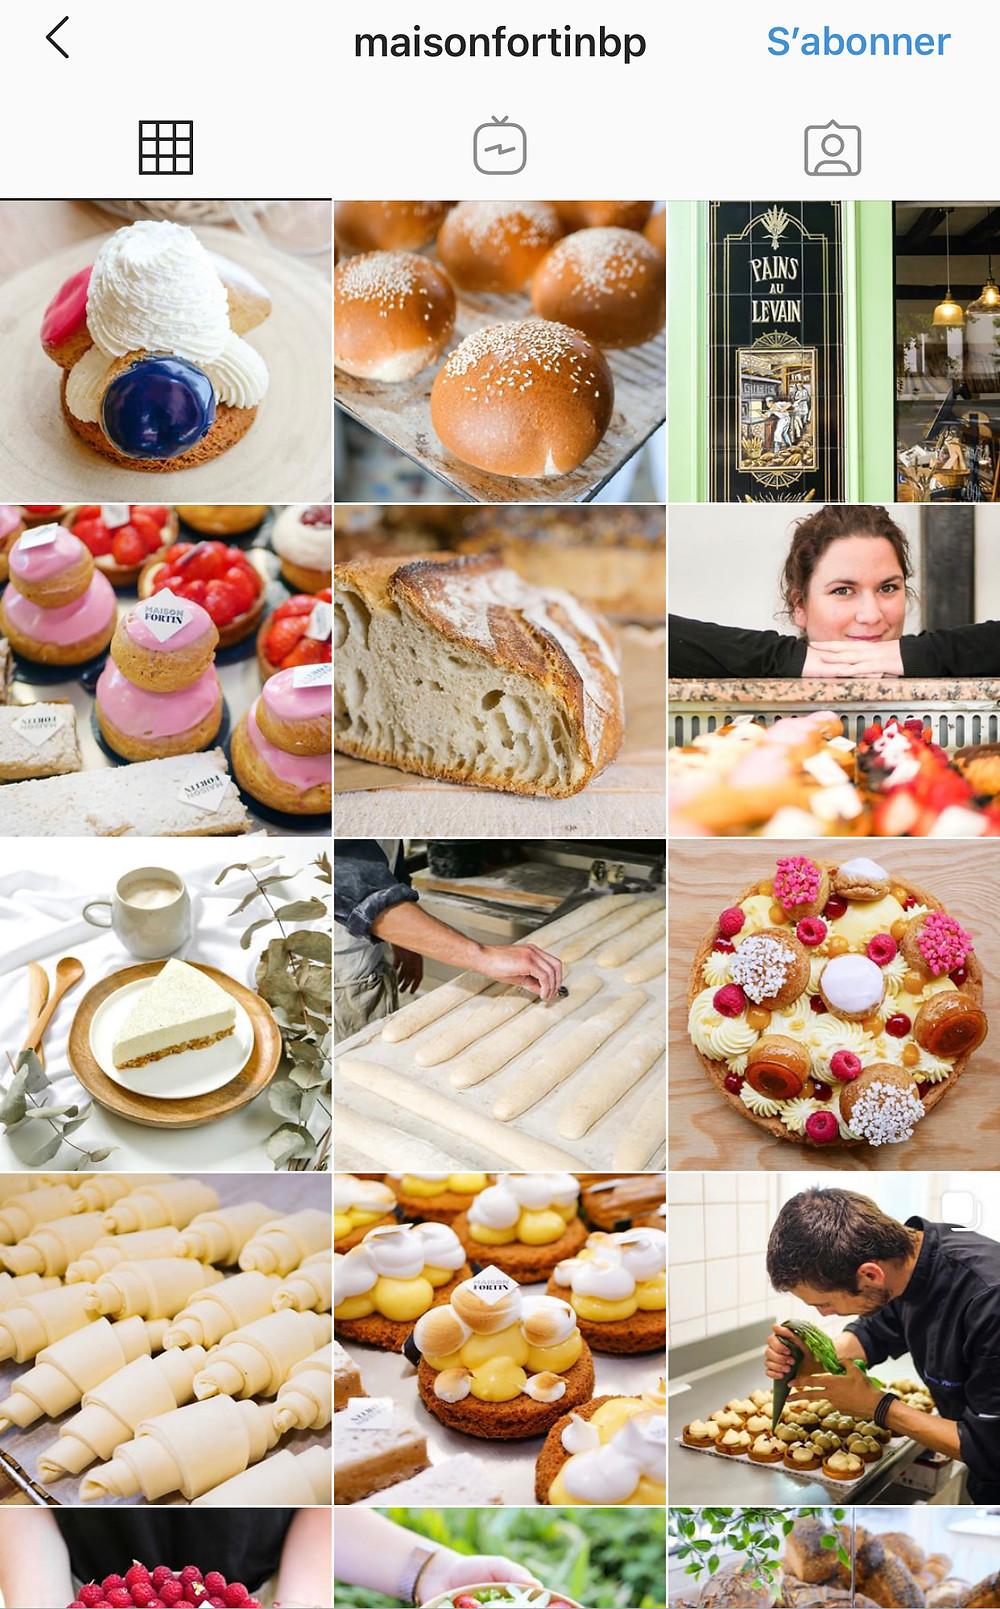 exemple de restaurant sur instagram ou boulangerie pour stratégie